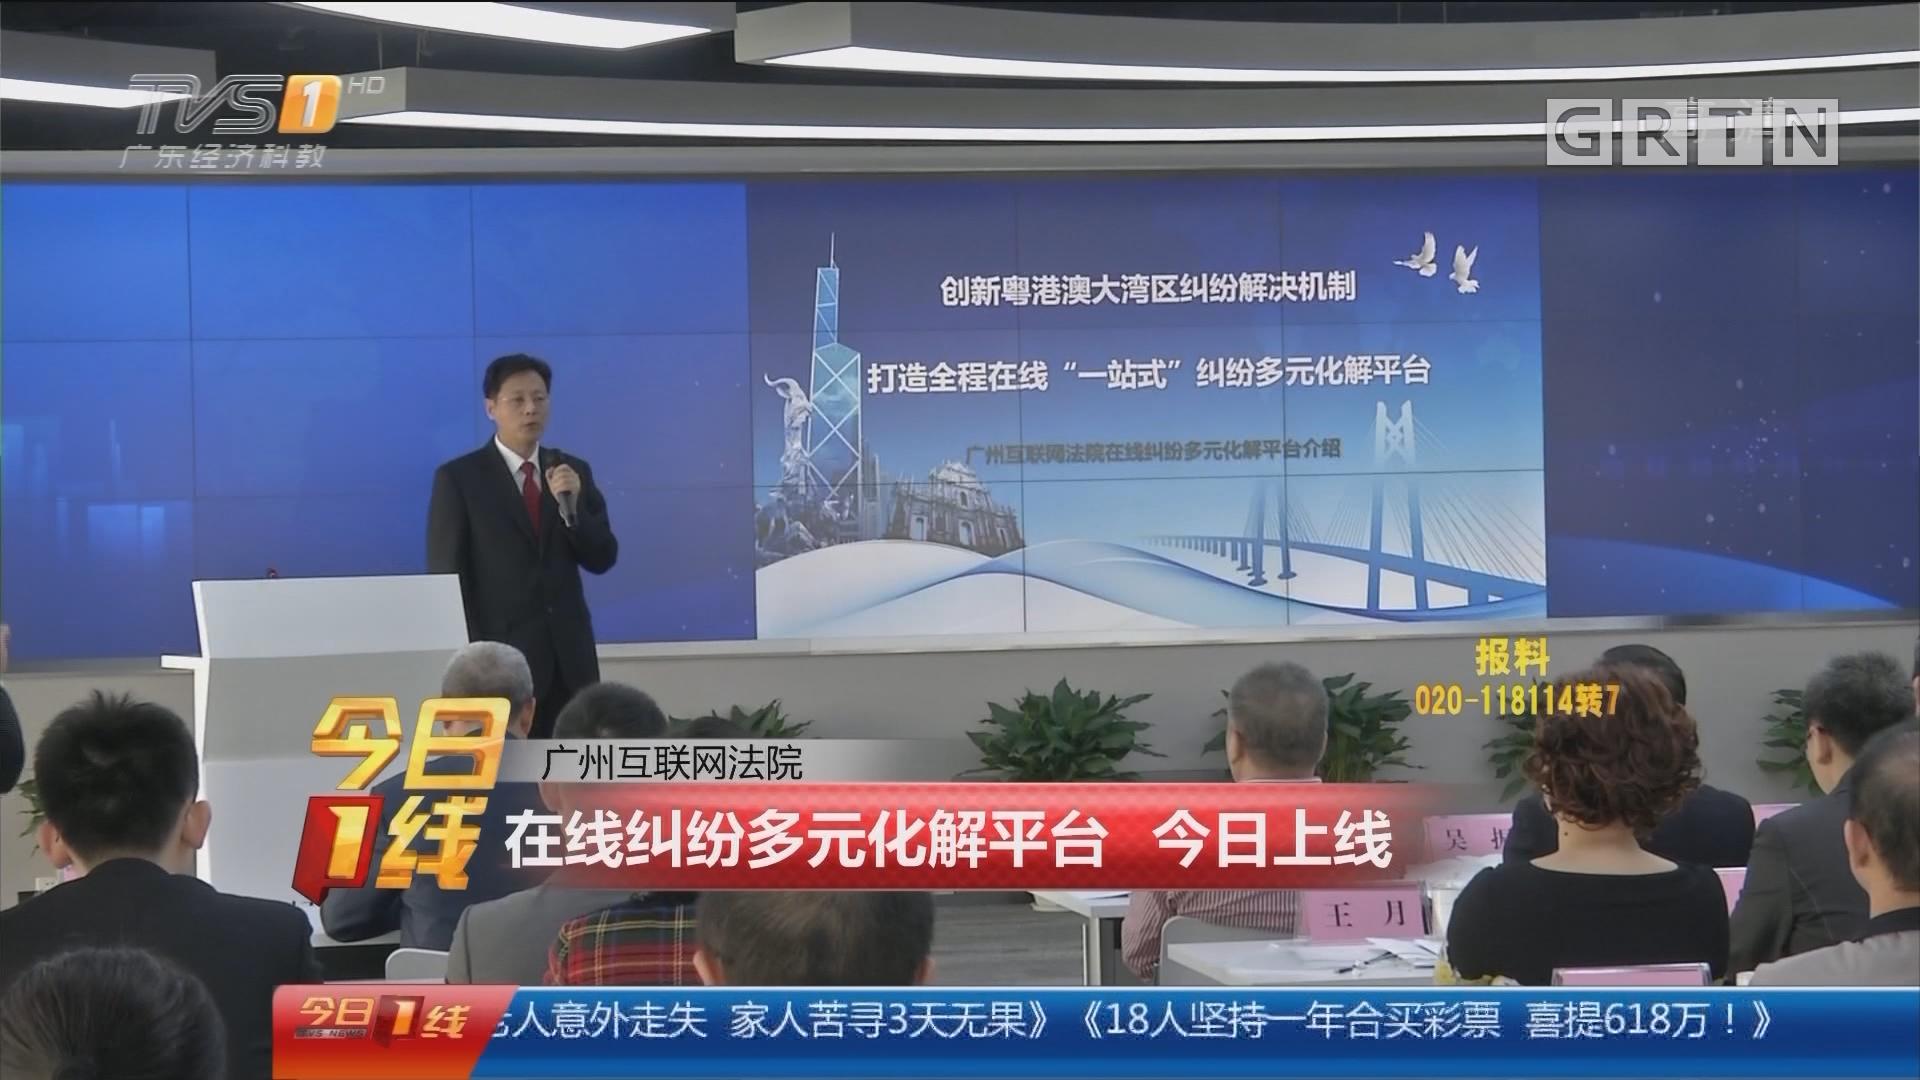 广州互联网法院:在线纠纷多元化解平台 今日上线